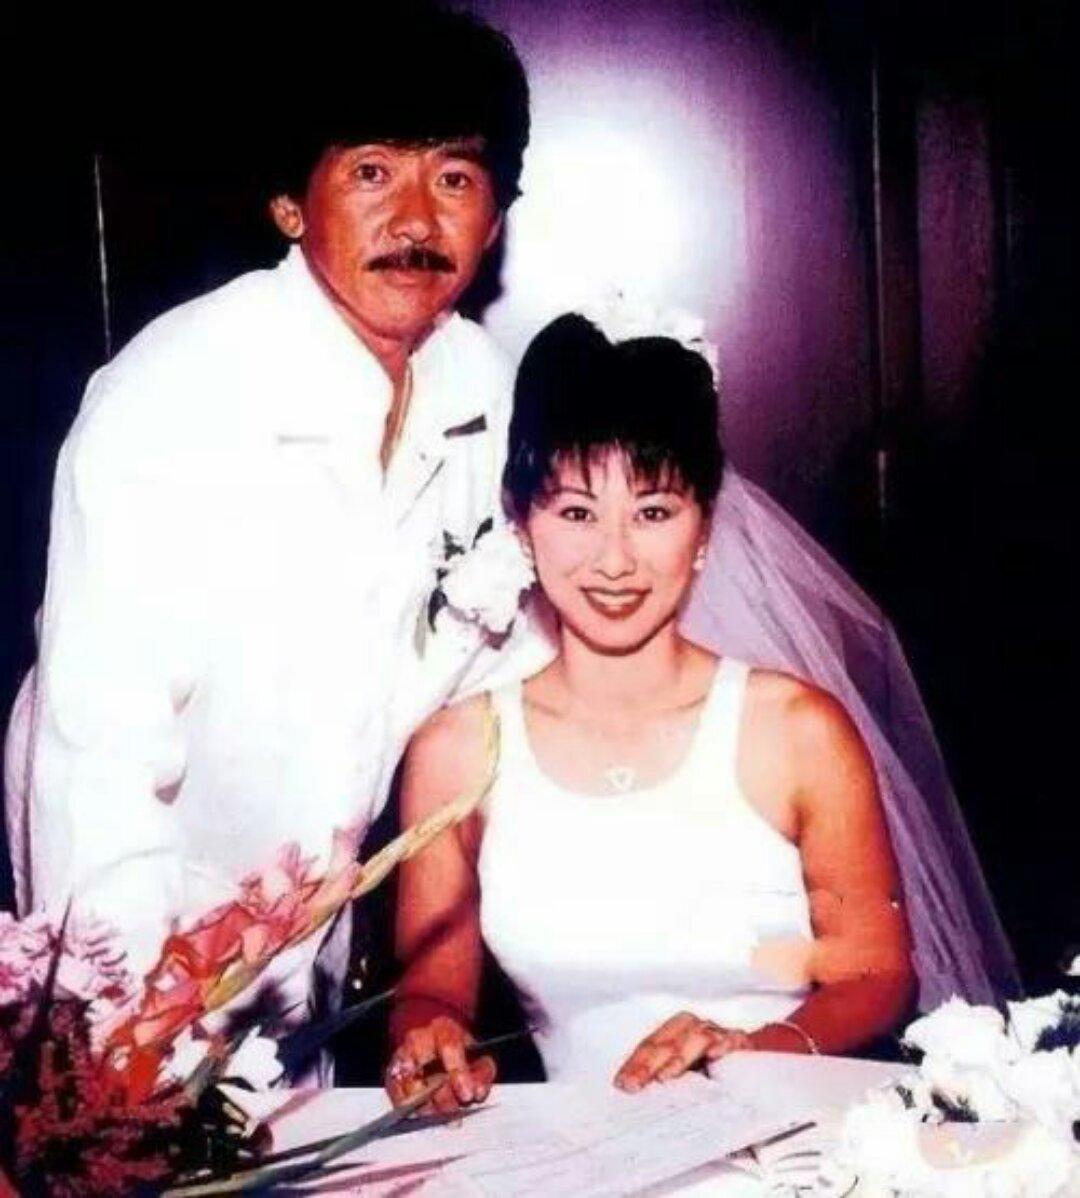 吴正元当年与林子祥是奉子成婚,结婚初期,婚姻生活并不理想,用吴正元图片